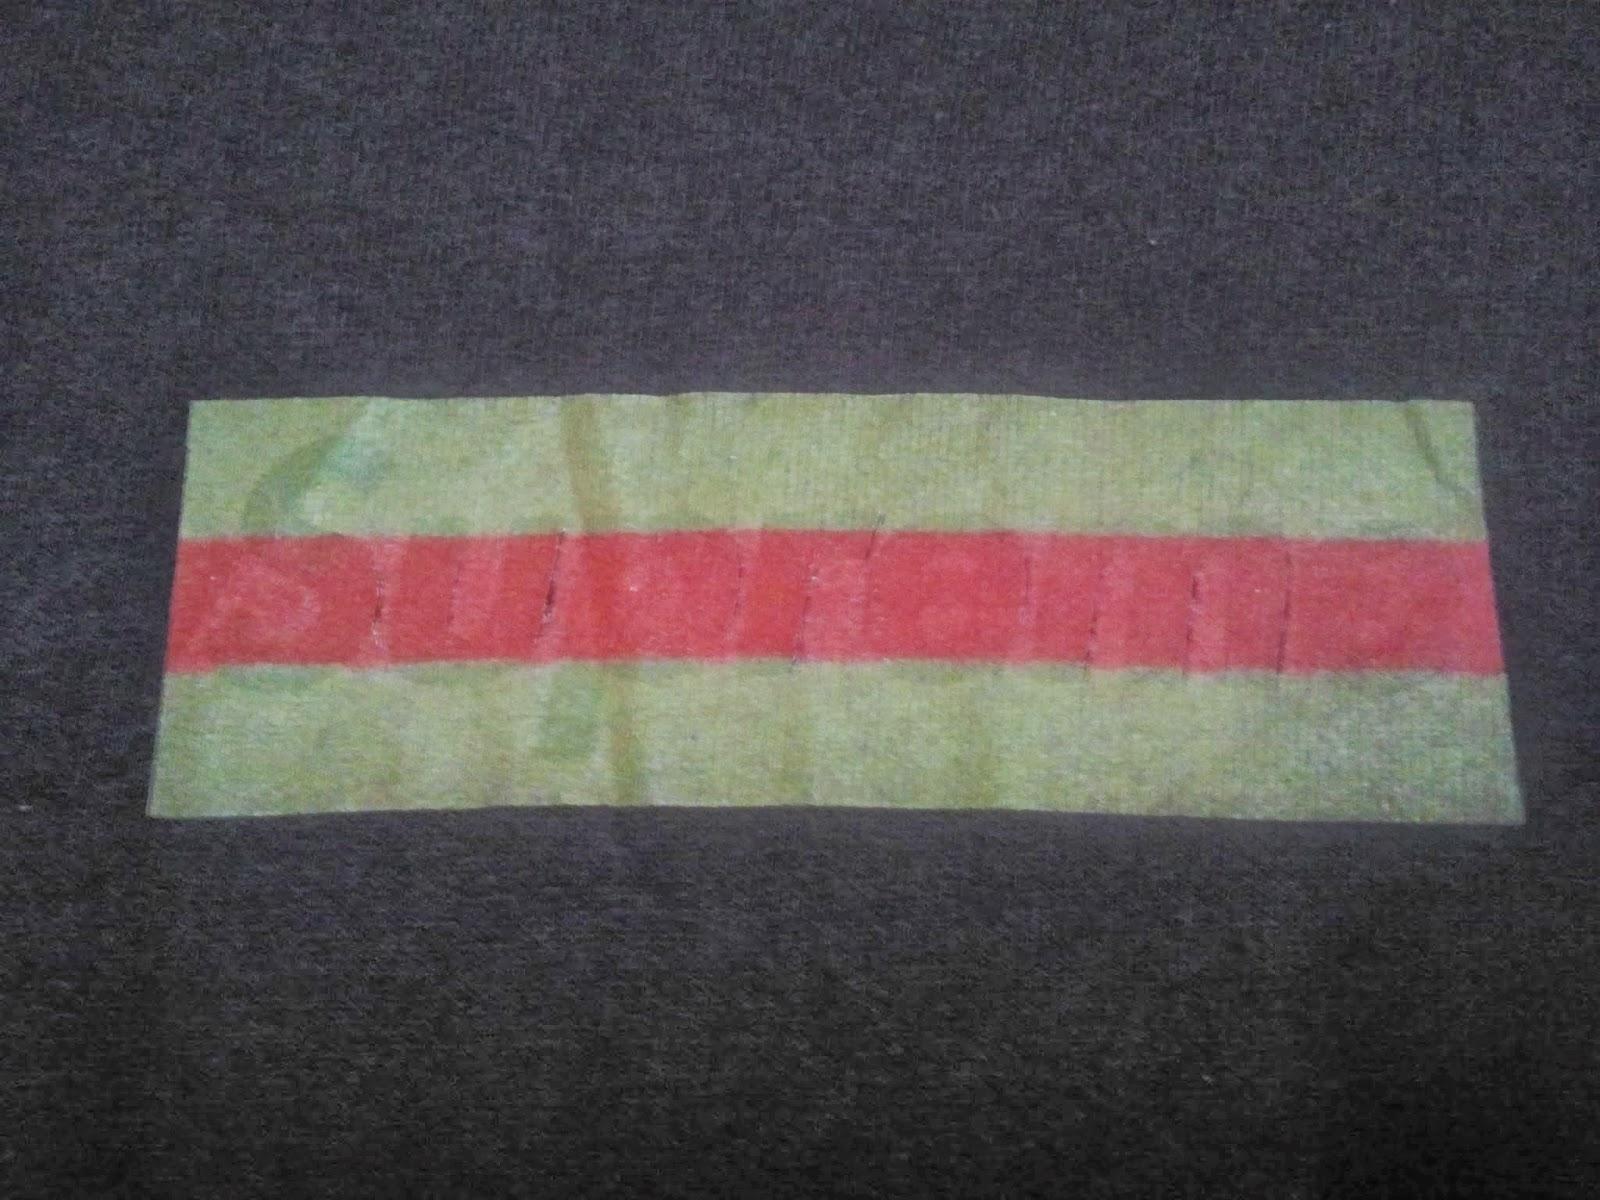 055c5971 Supreme gucci box Logos